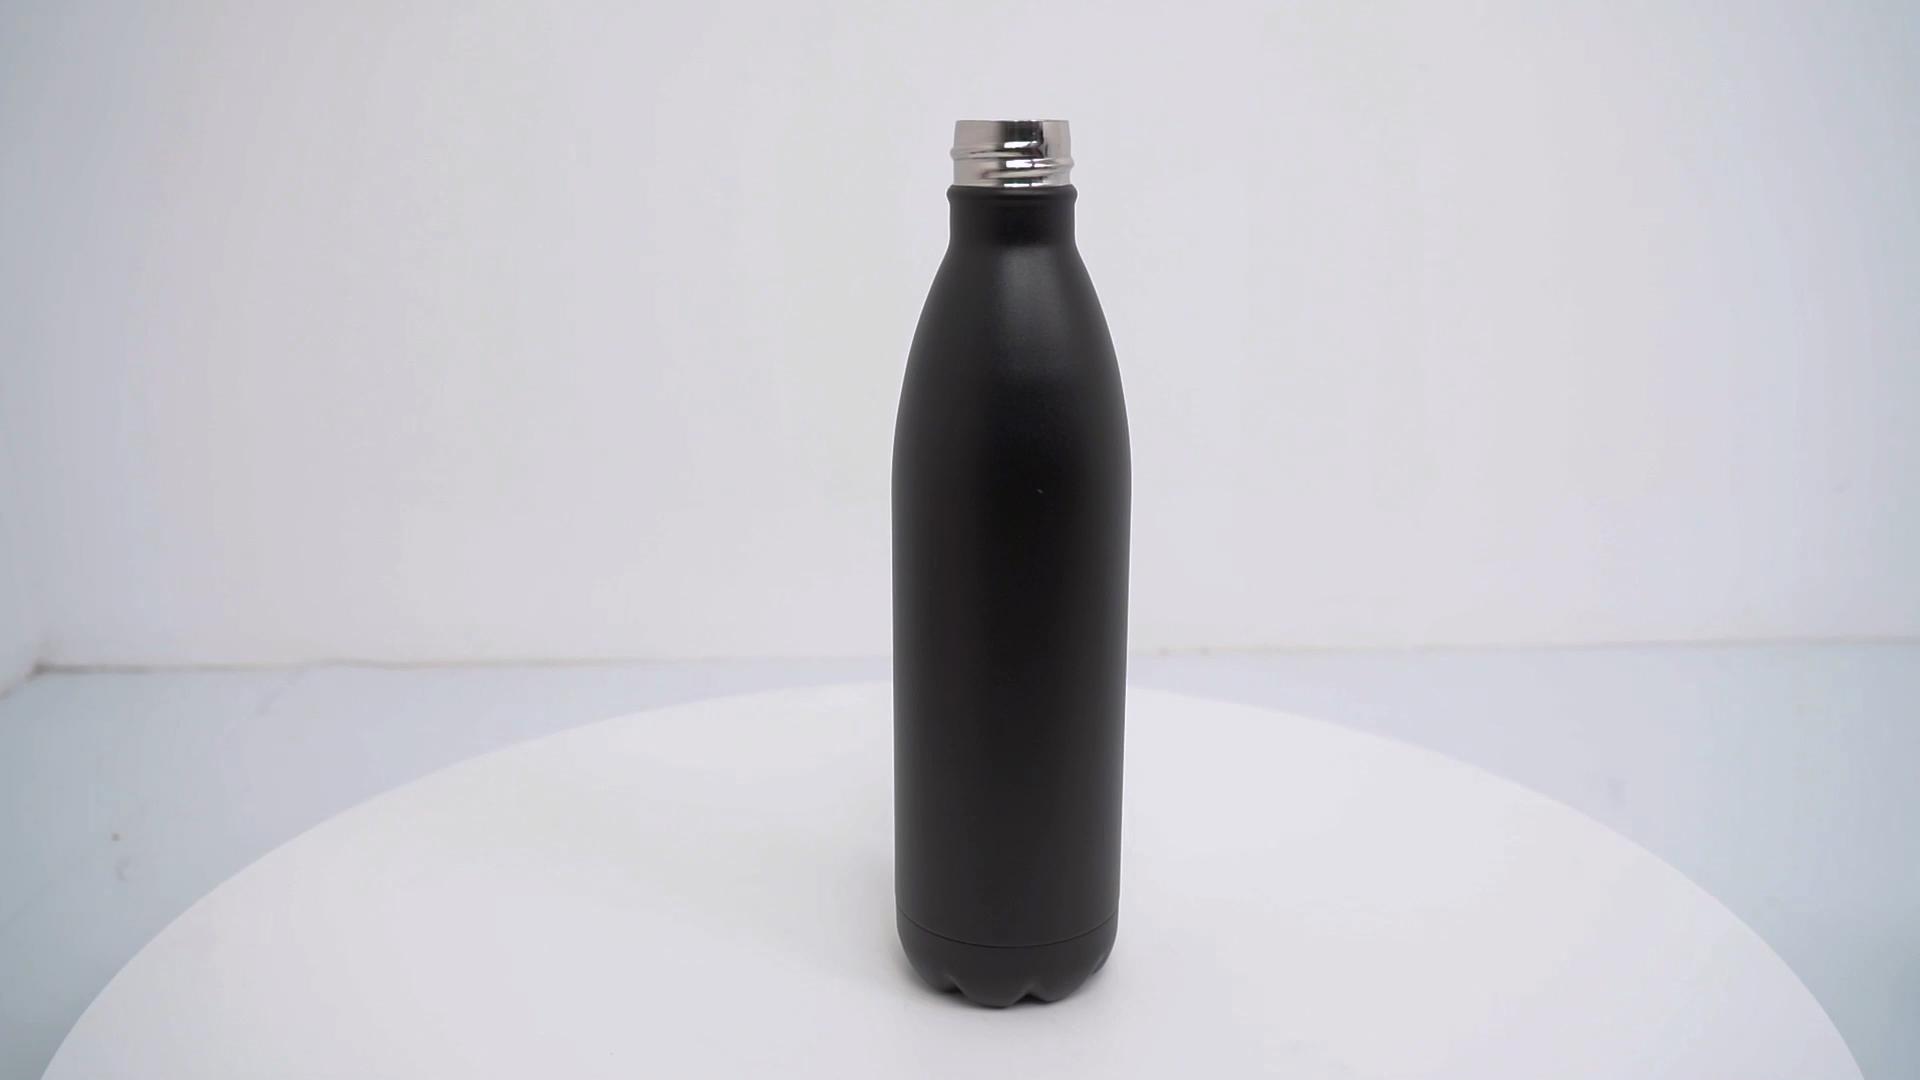 Eco-friendly In Acciaio Inox opaco nero della bicicletta bottiglia di acqua nebulizzata per l'esecuzione di